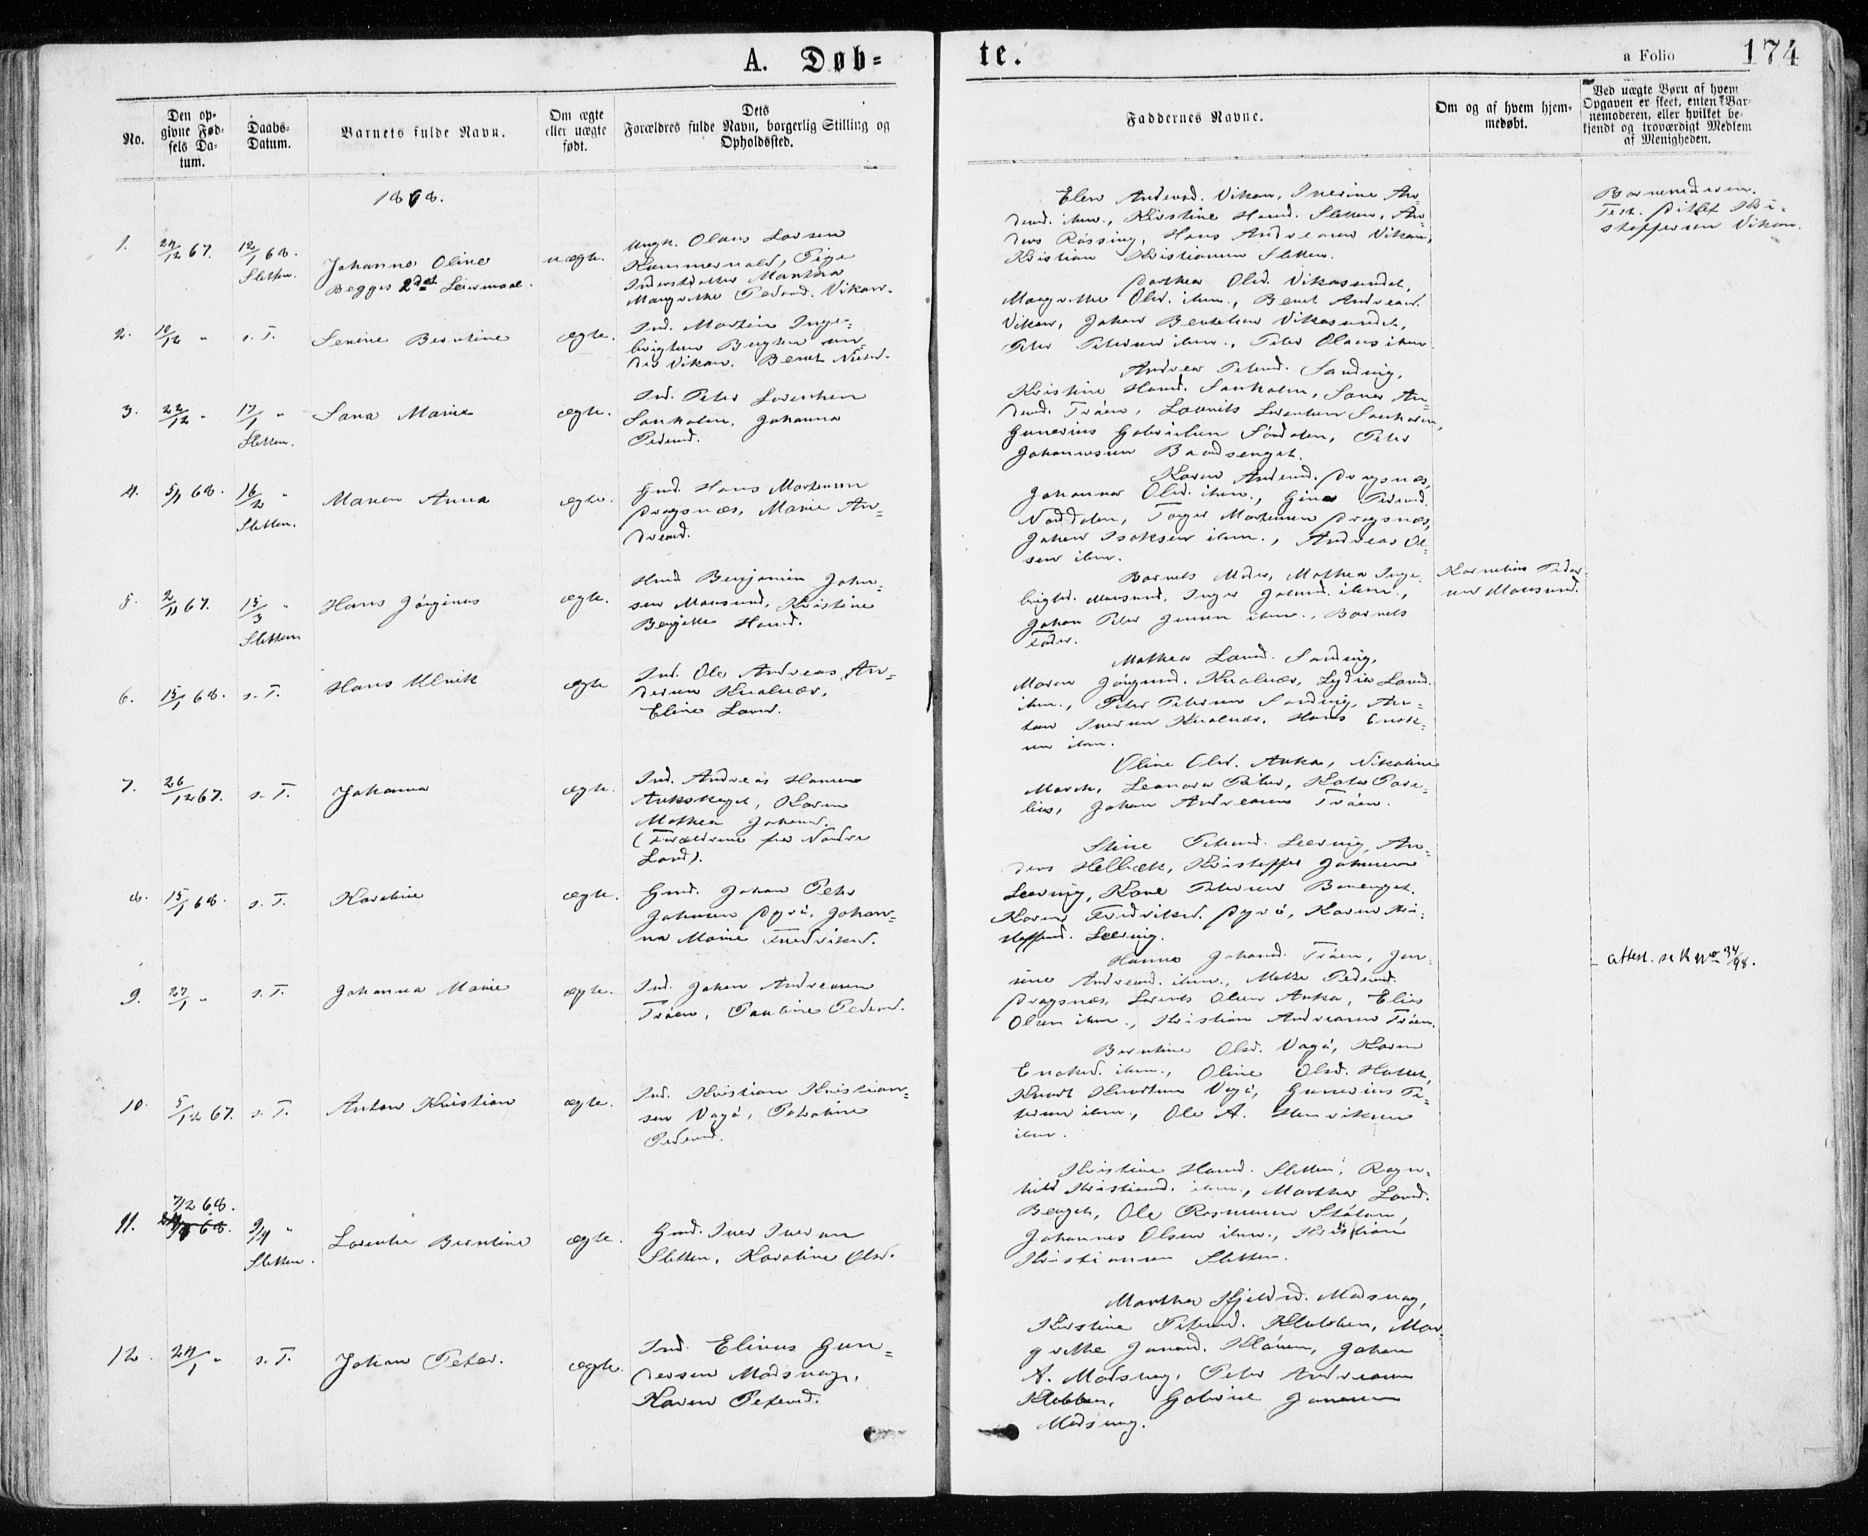 SAT, Ministerialprotokoller, klokkerbøker og fødselsregistre - Sør-Trøndelag, 640/L0576: Ministerialbok nr. 640A01, 1846-1876, s. 174